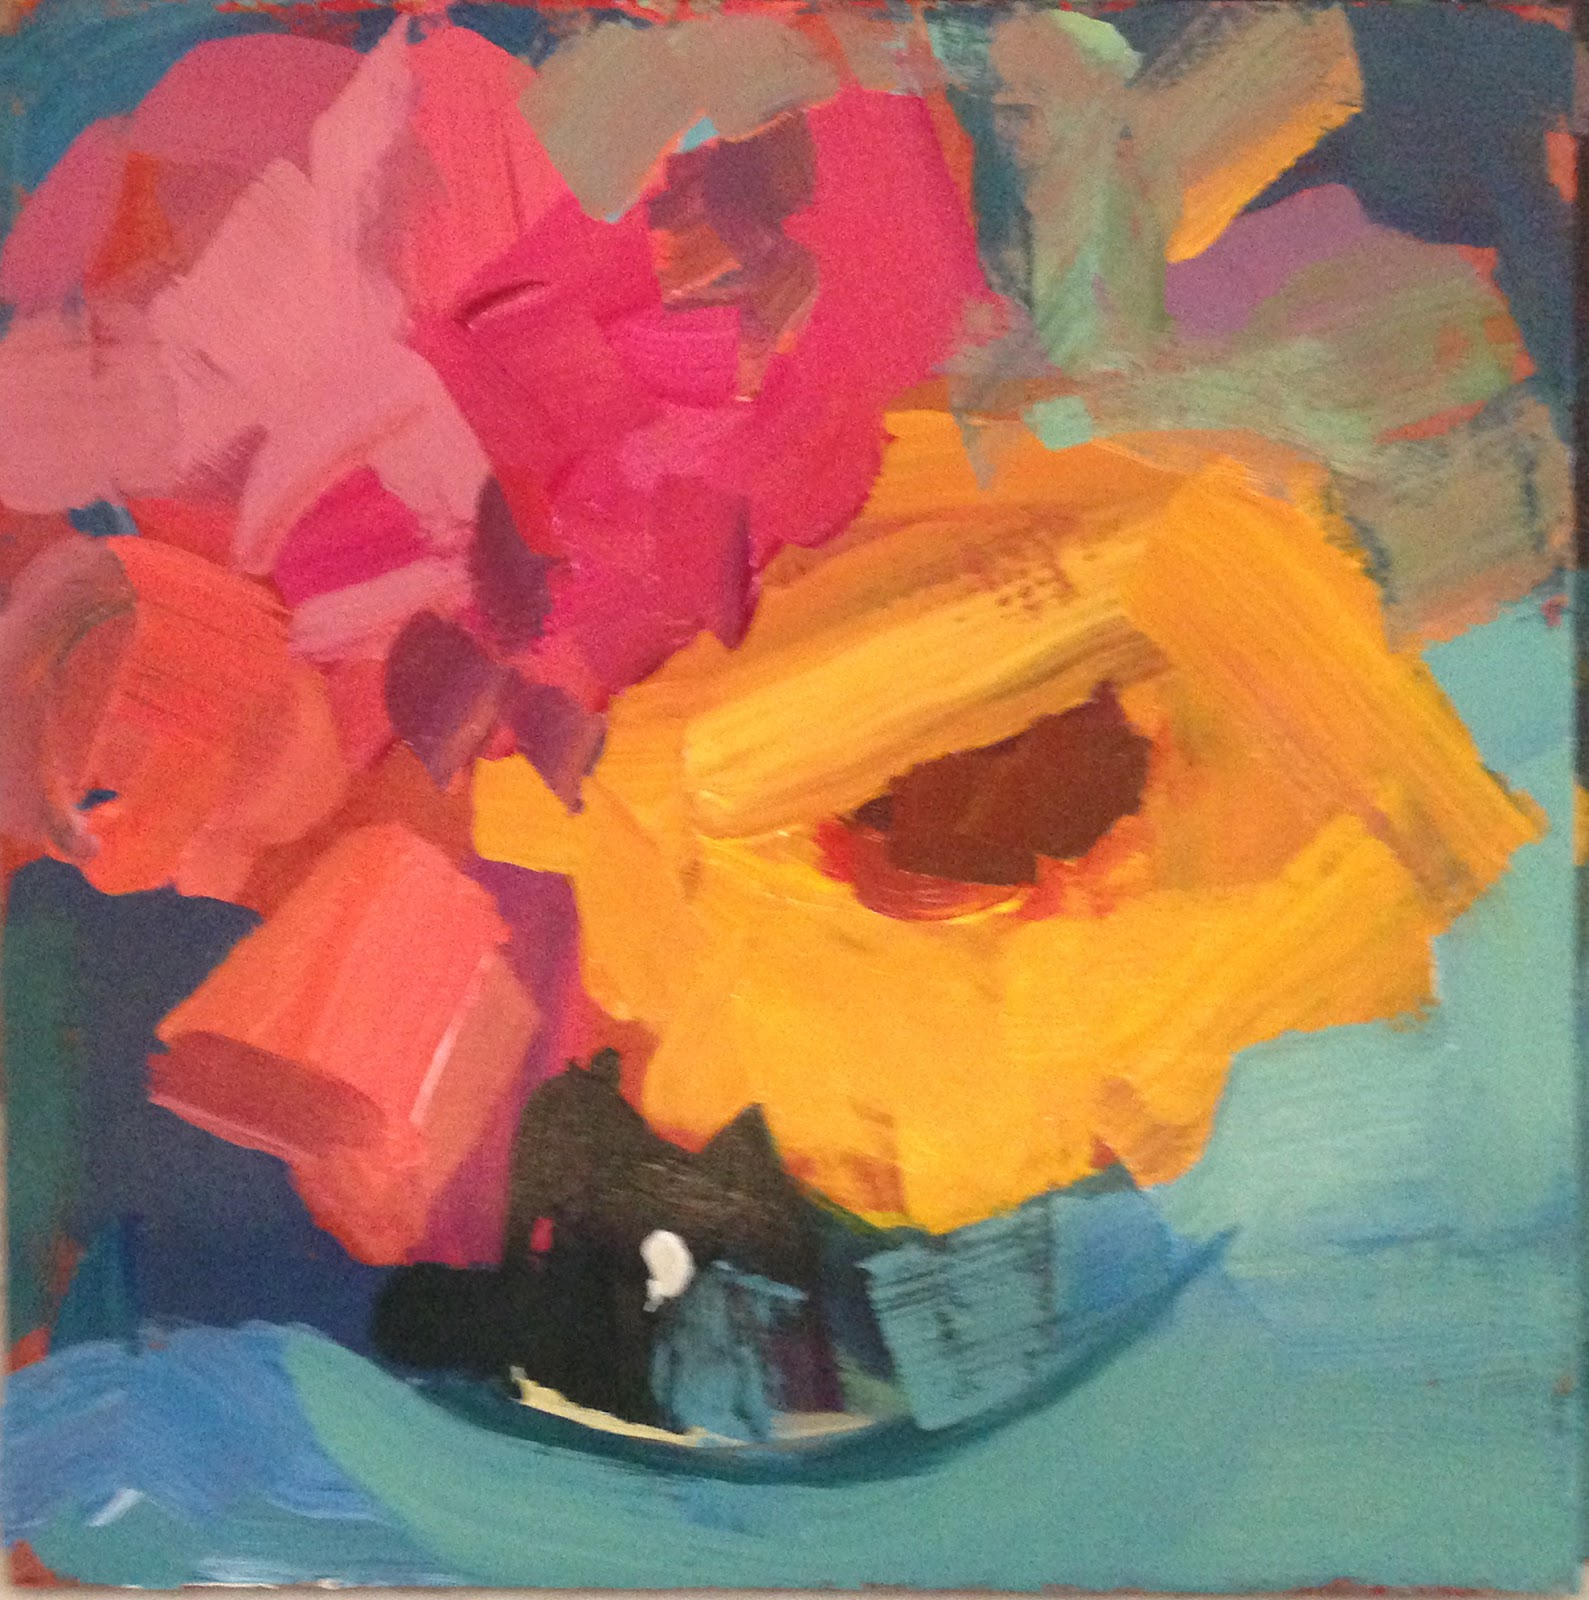 Lisa Darias Painting A Day 3145 Bonita Springs Ii